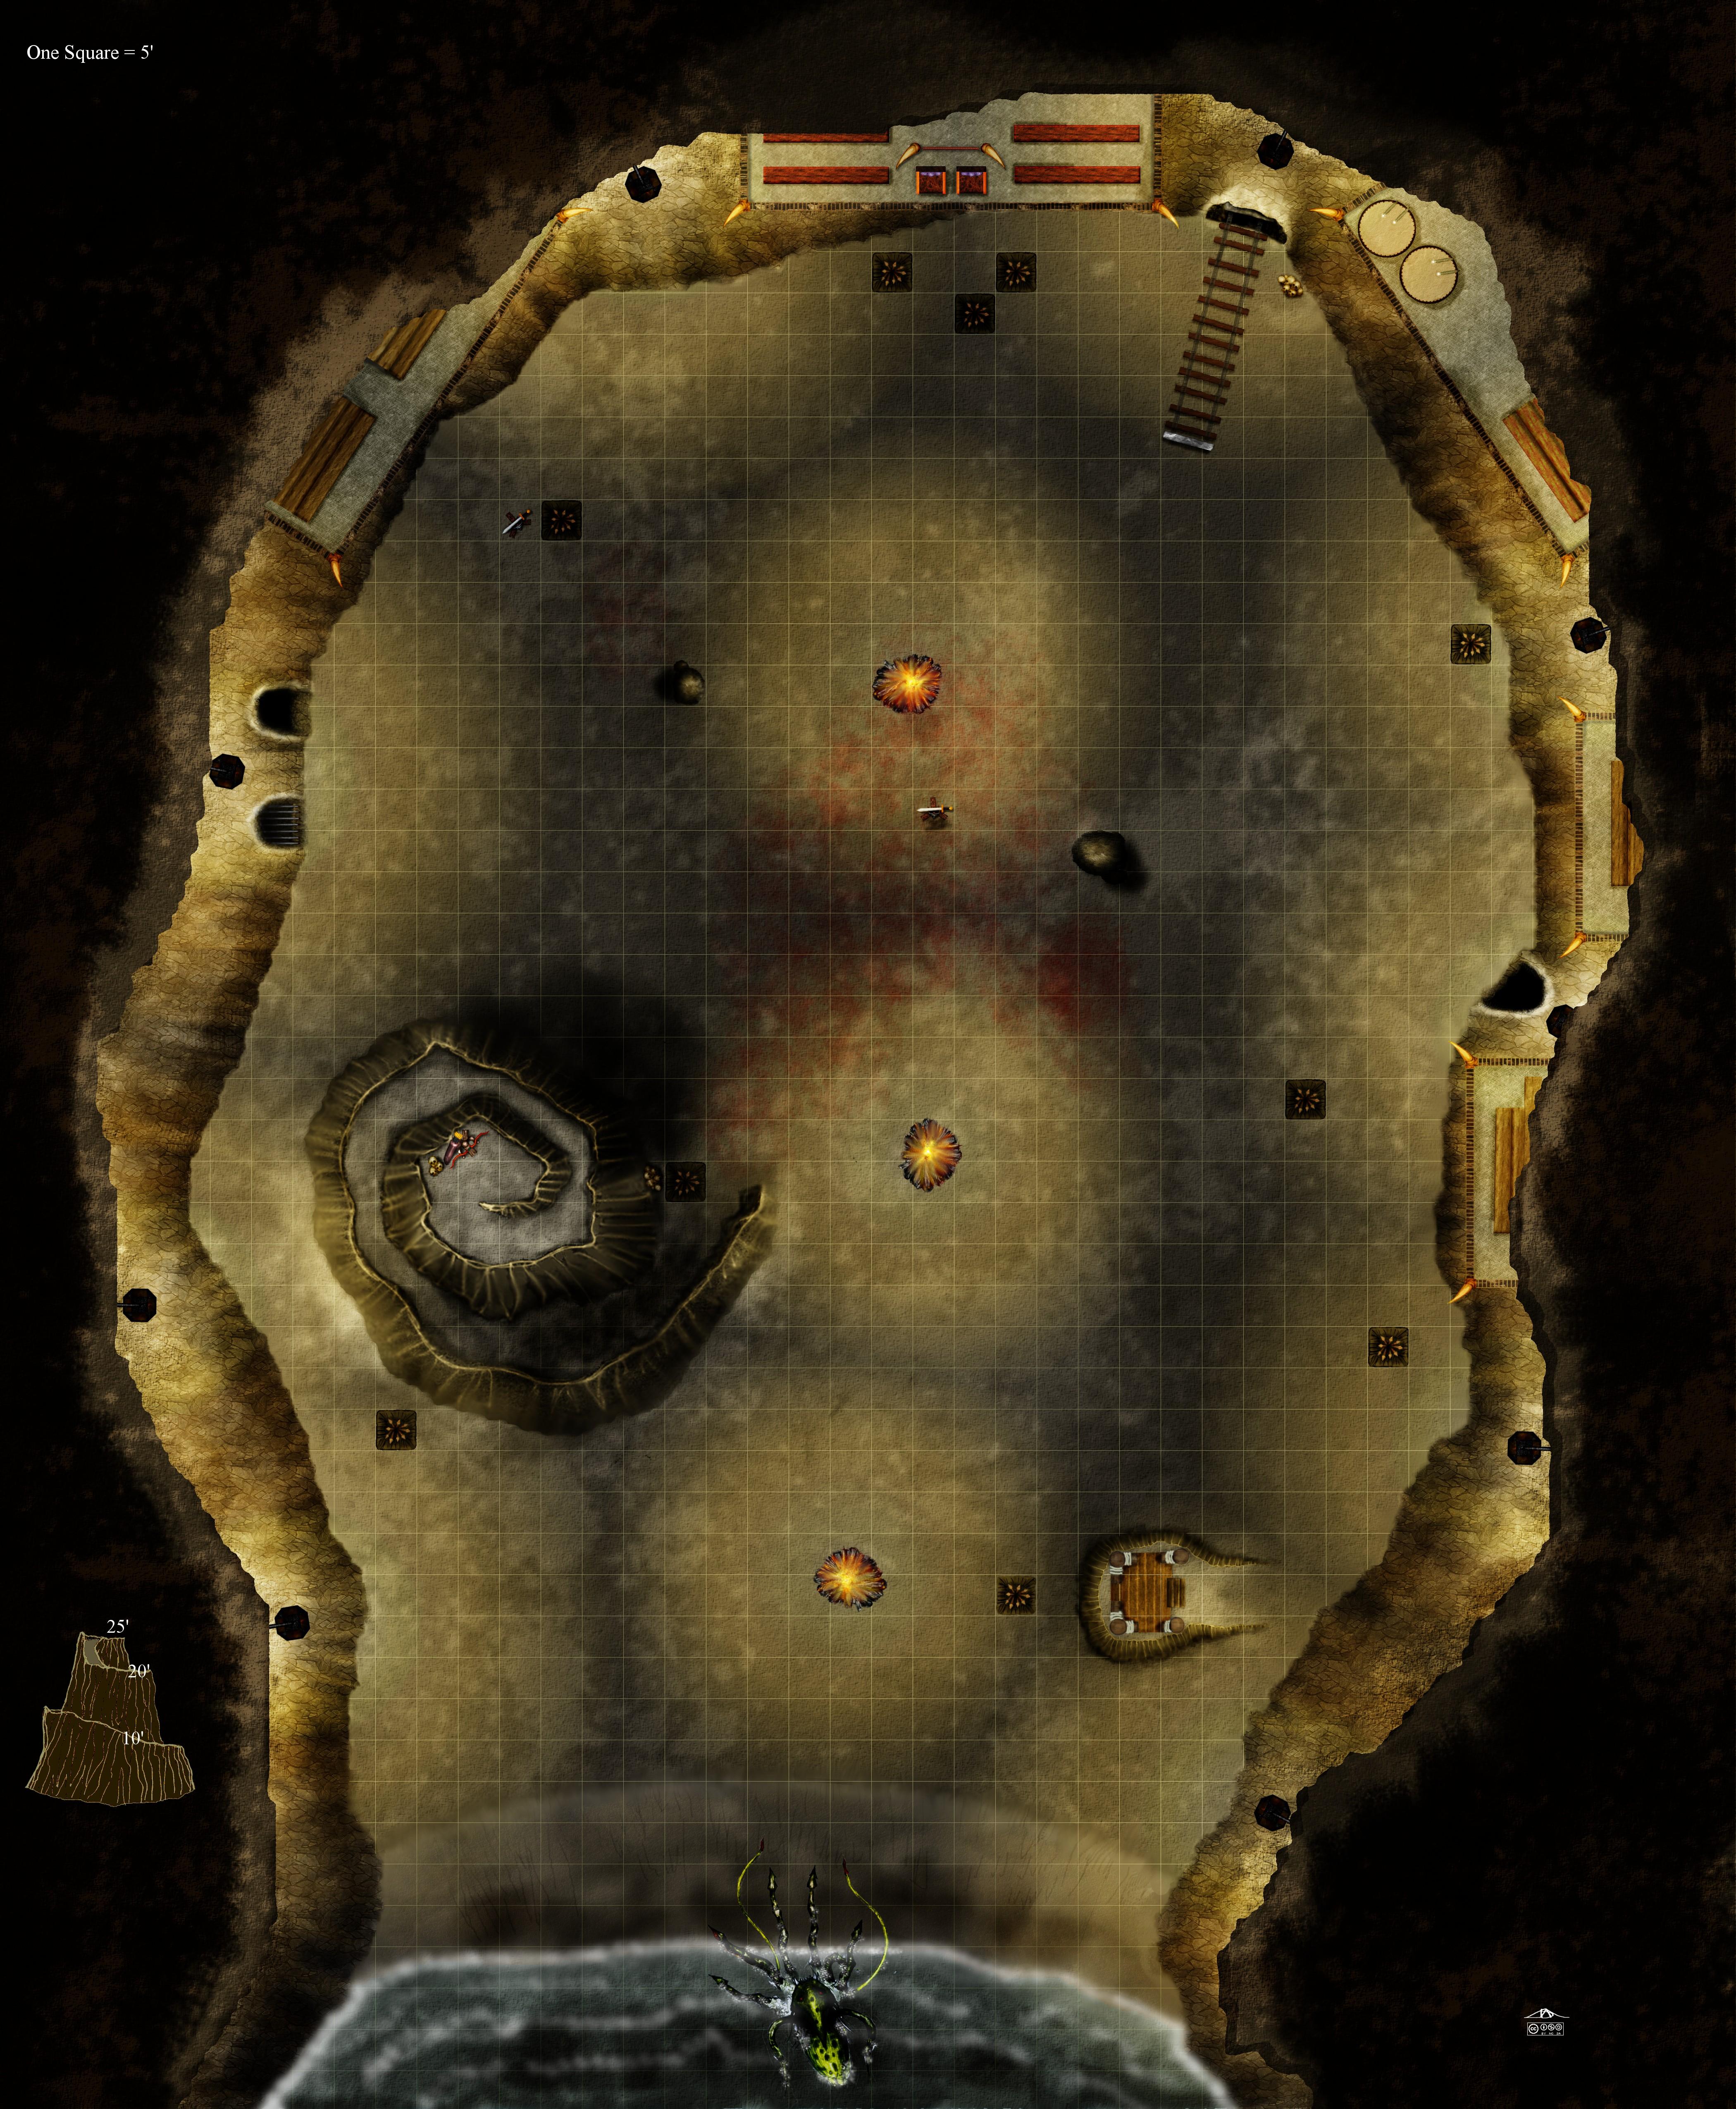 Cavern Arena